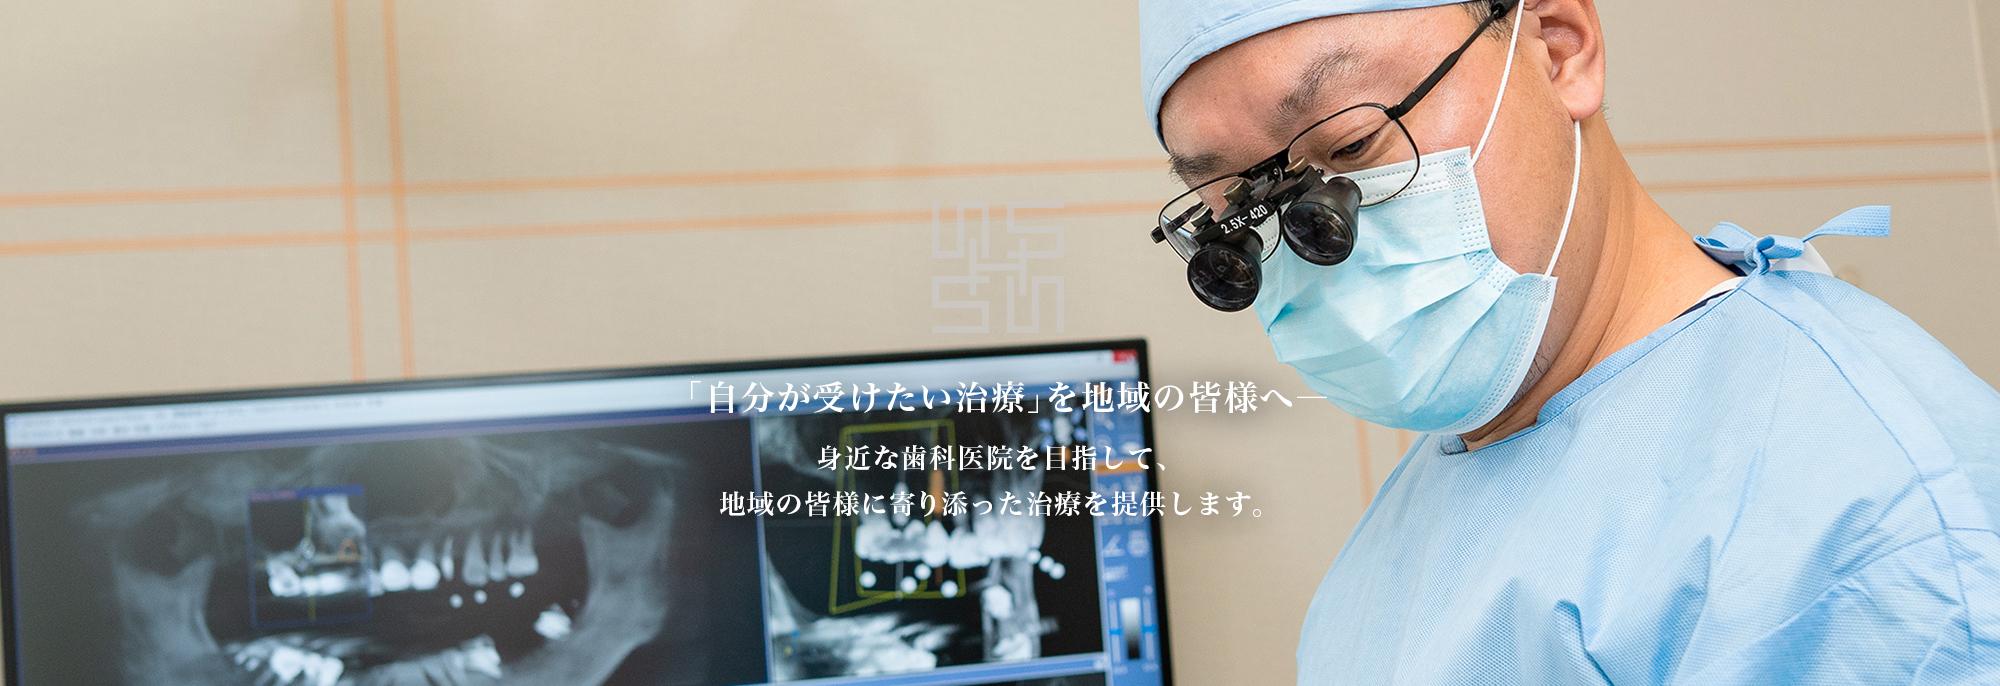 「自分が受けたい治療」を地域の皆様へ―  身近な歯科医院を目指して、地域の皆様に寄り添った治療を提供します。